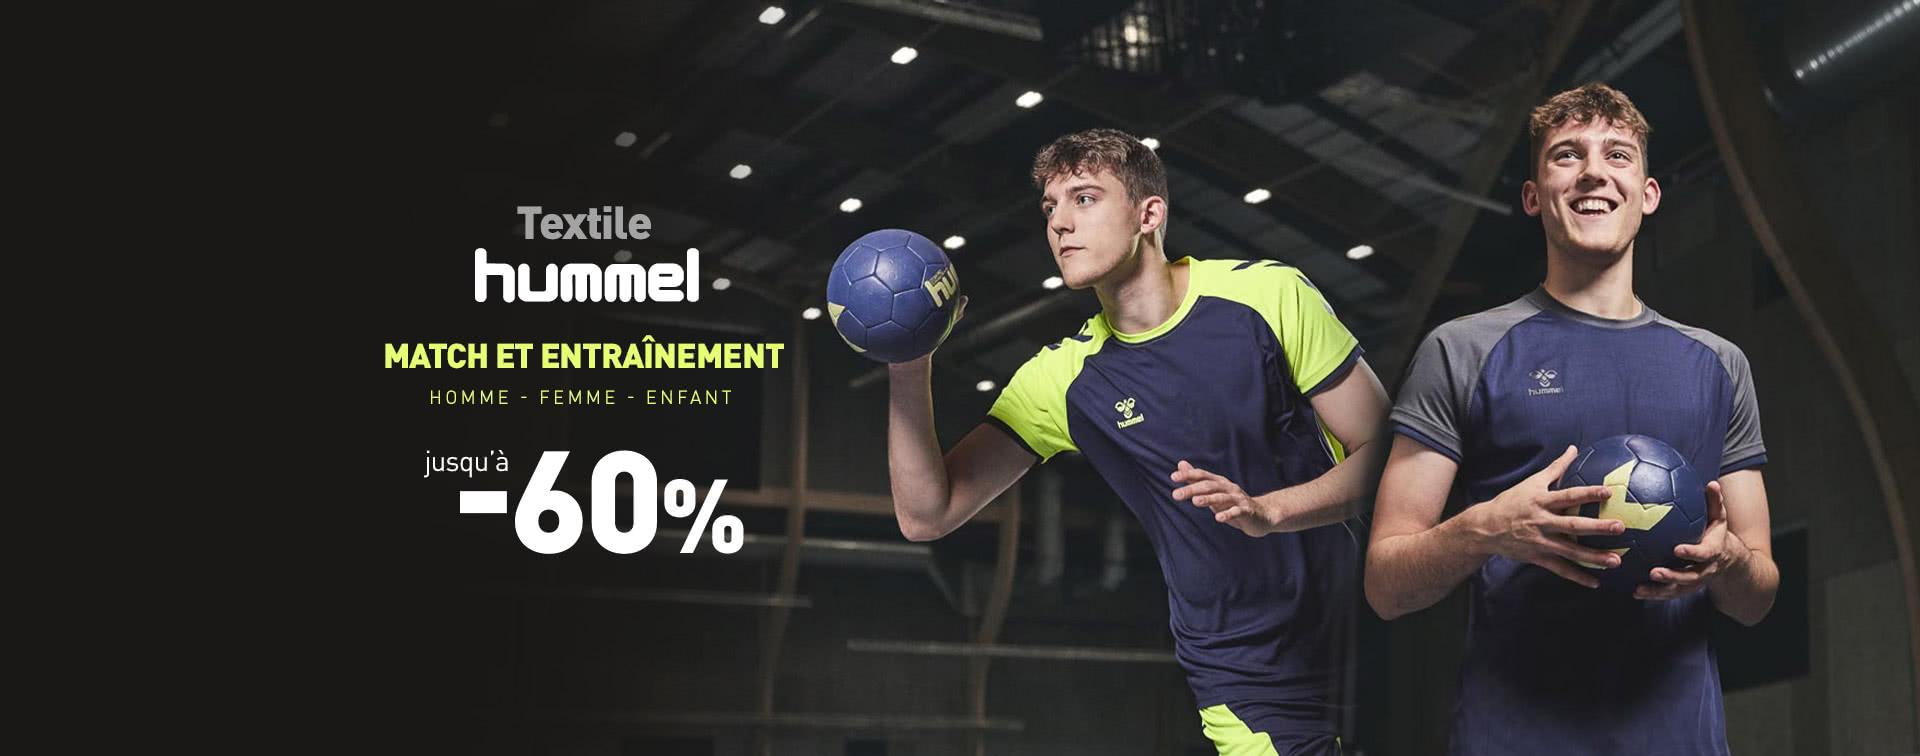 Promotions Textile Hummel jusqu'à -60%